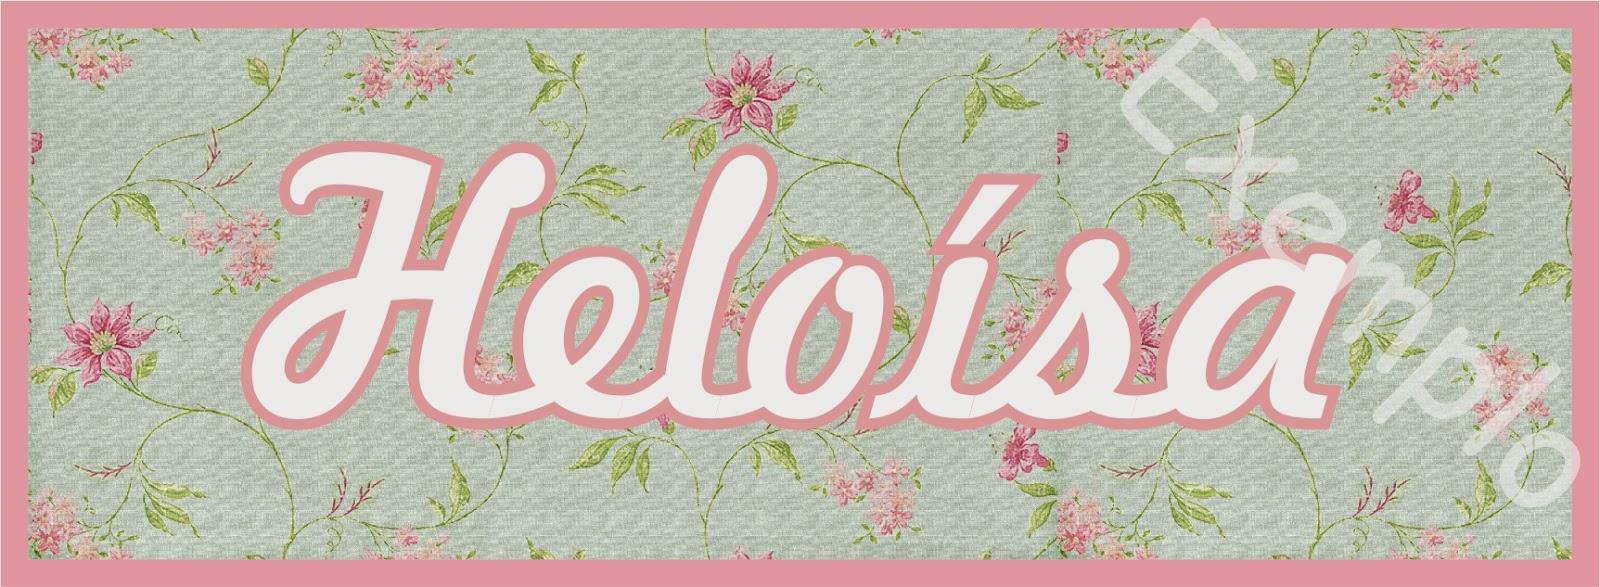 significado do nome heloisa complementos